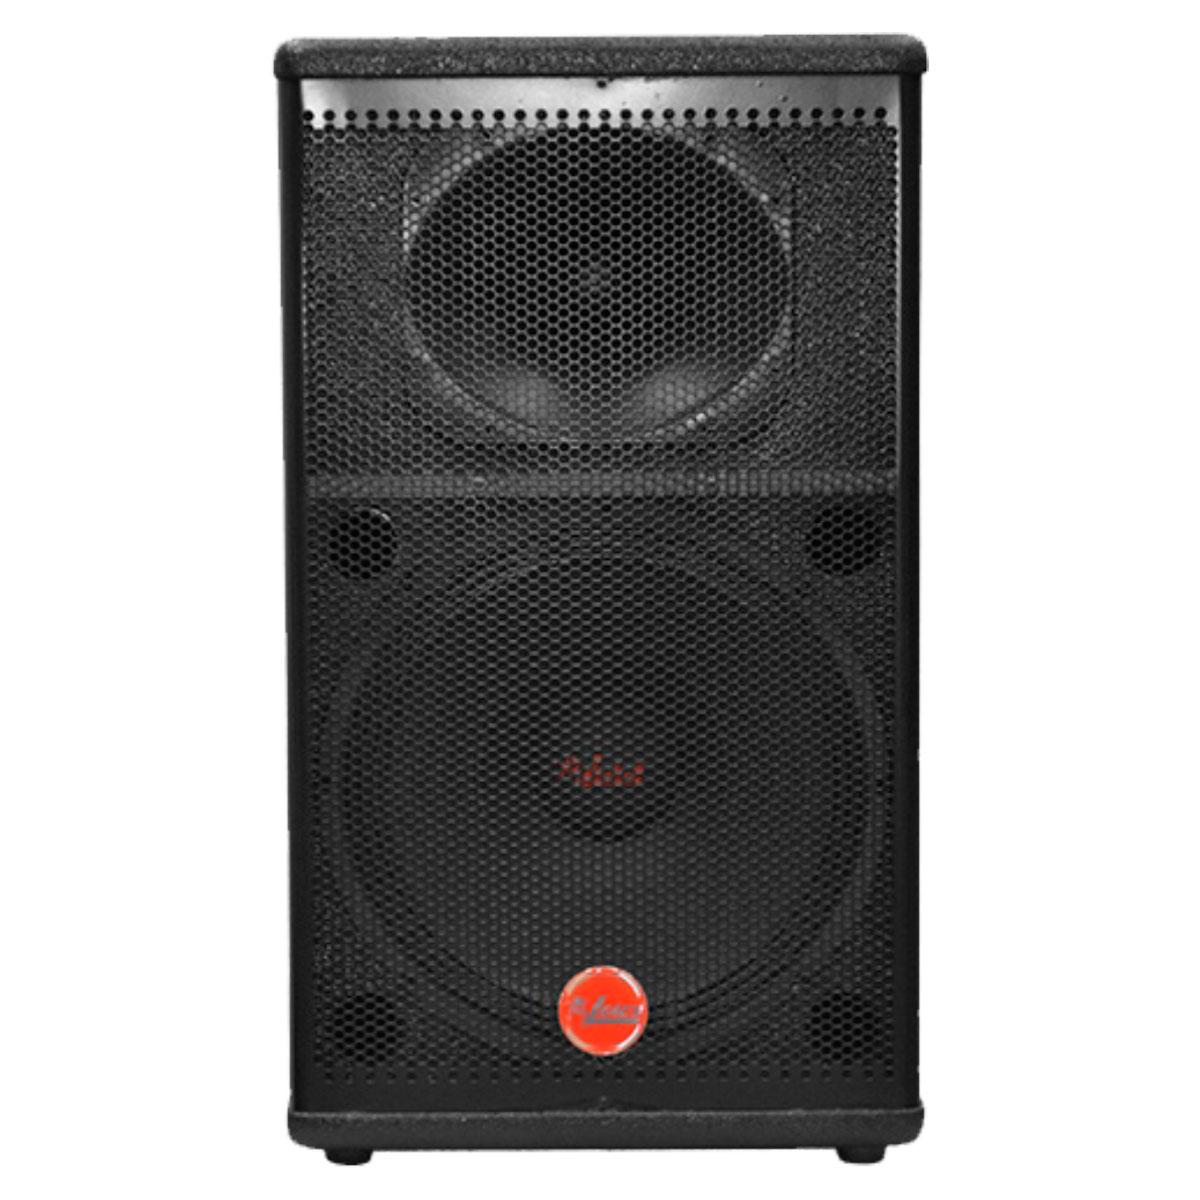 Caixa Acústica Leacs Ativa 250 W Rms Pa1500